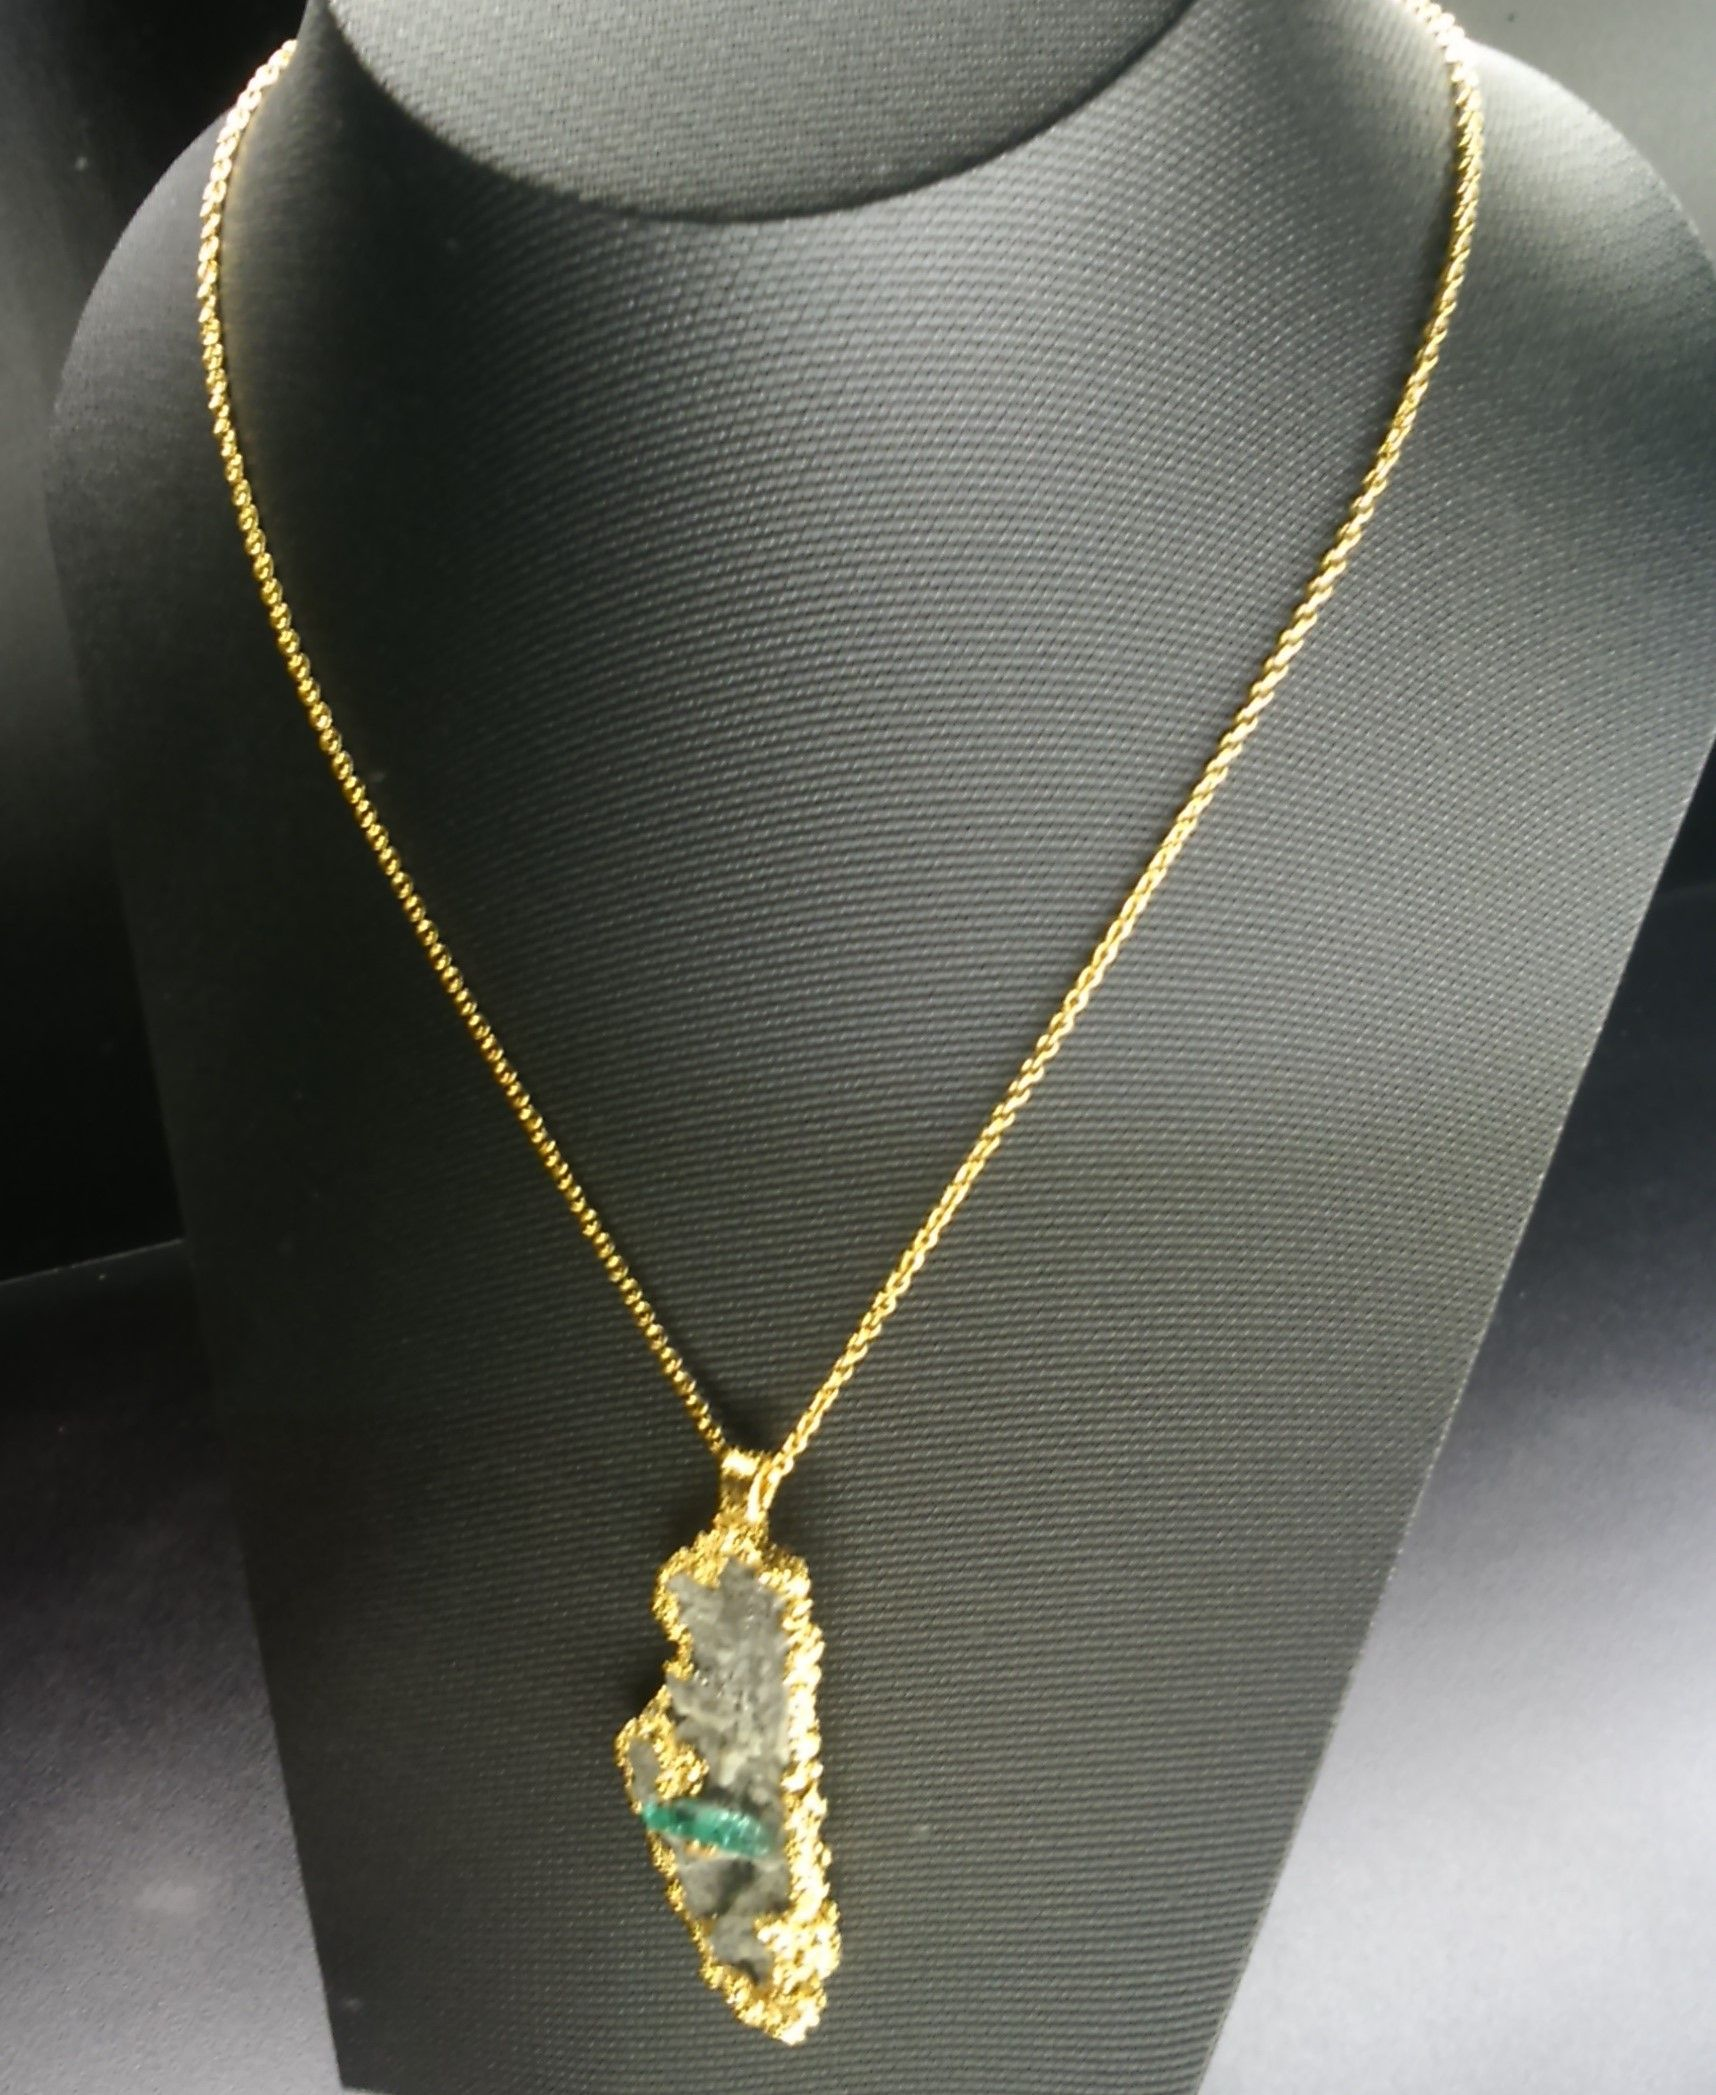 a4da95c72ec0 Dije en bronce con enchape de oro 24K y con una esmeralda canutillo ...